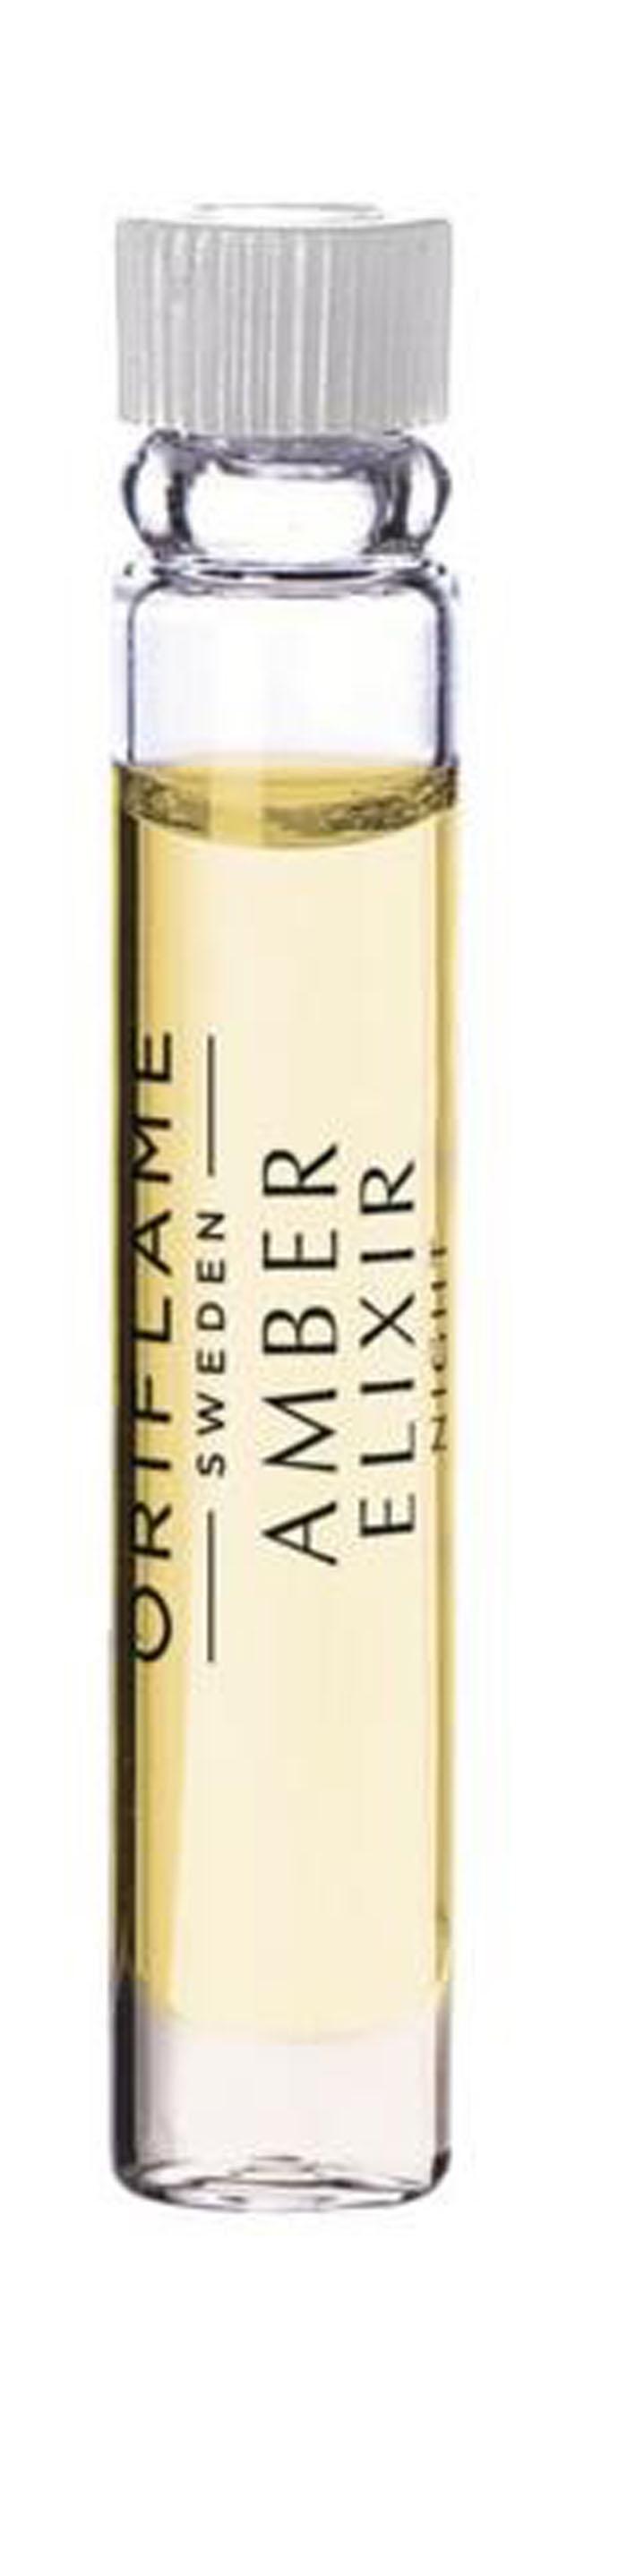 Пробник Парфюмерная вода AMBER ELIXIR NIGHT - код 25039